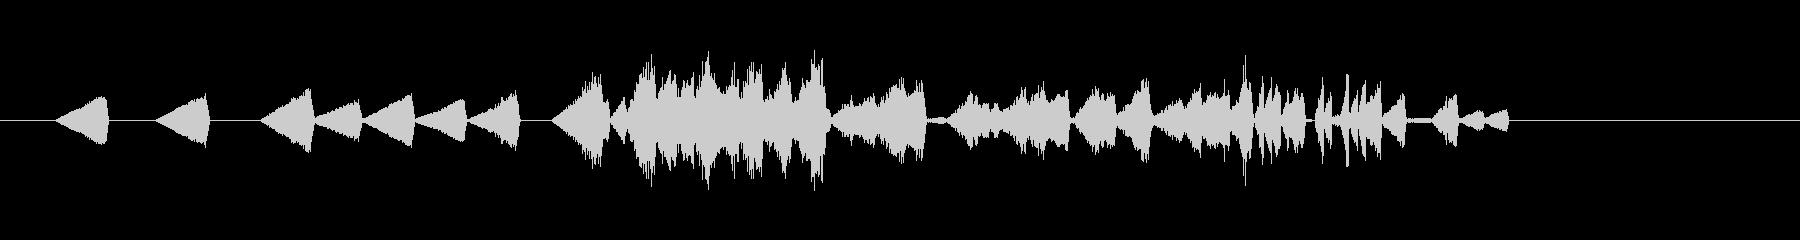 デジタル表示・メカ動作音・時間逆行#2の未再生の波形